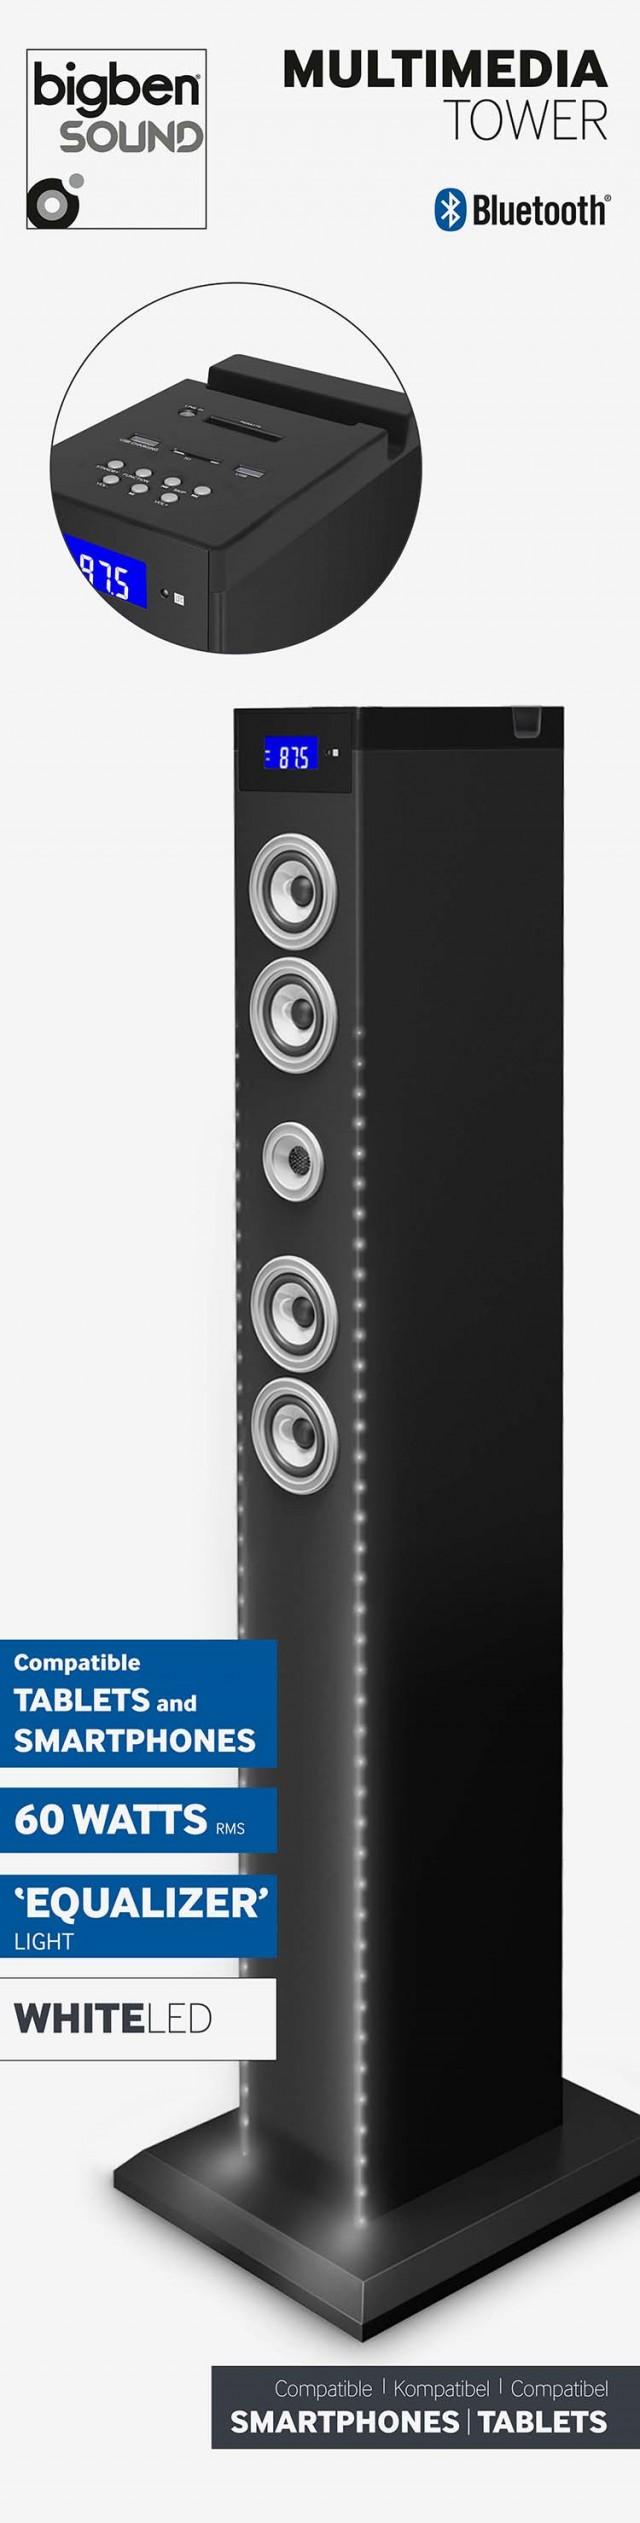 Sound Tower TW7EQ - Packshot